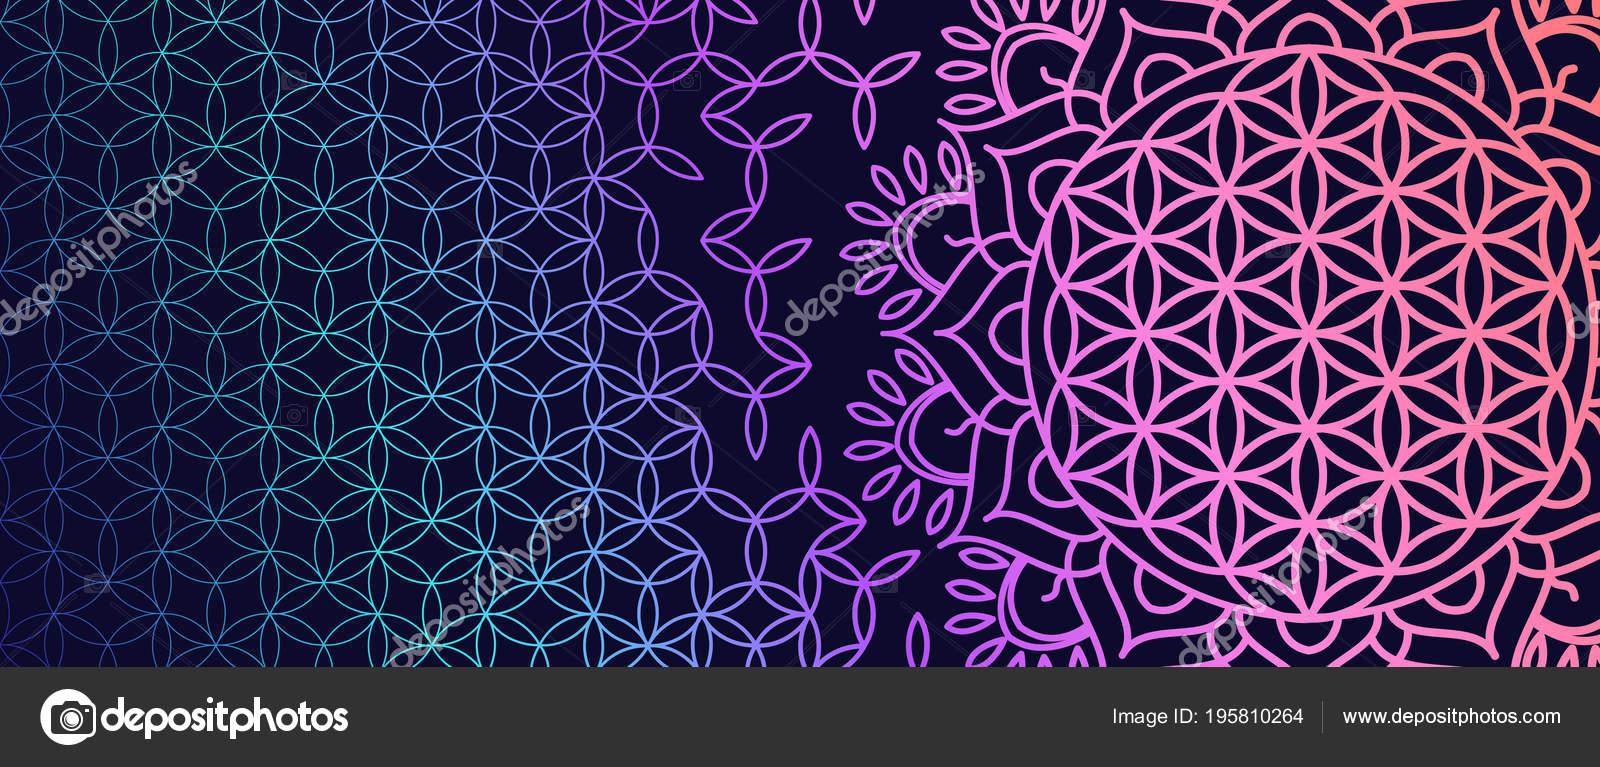 geometry sites